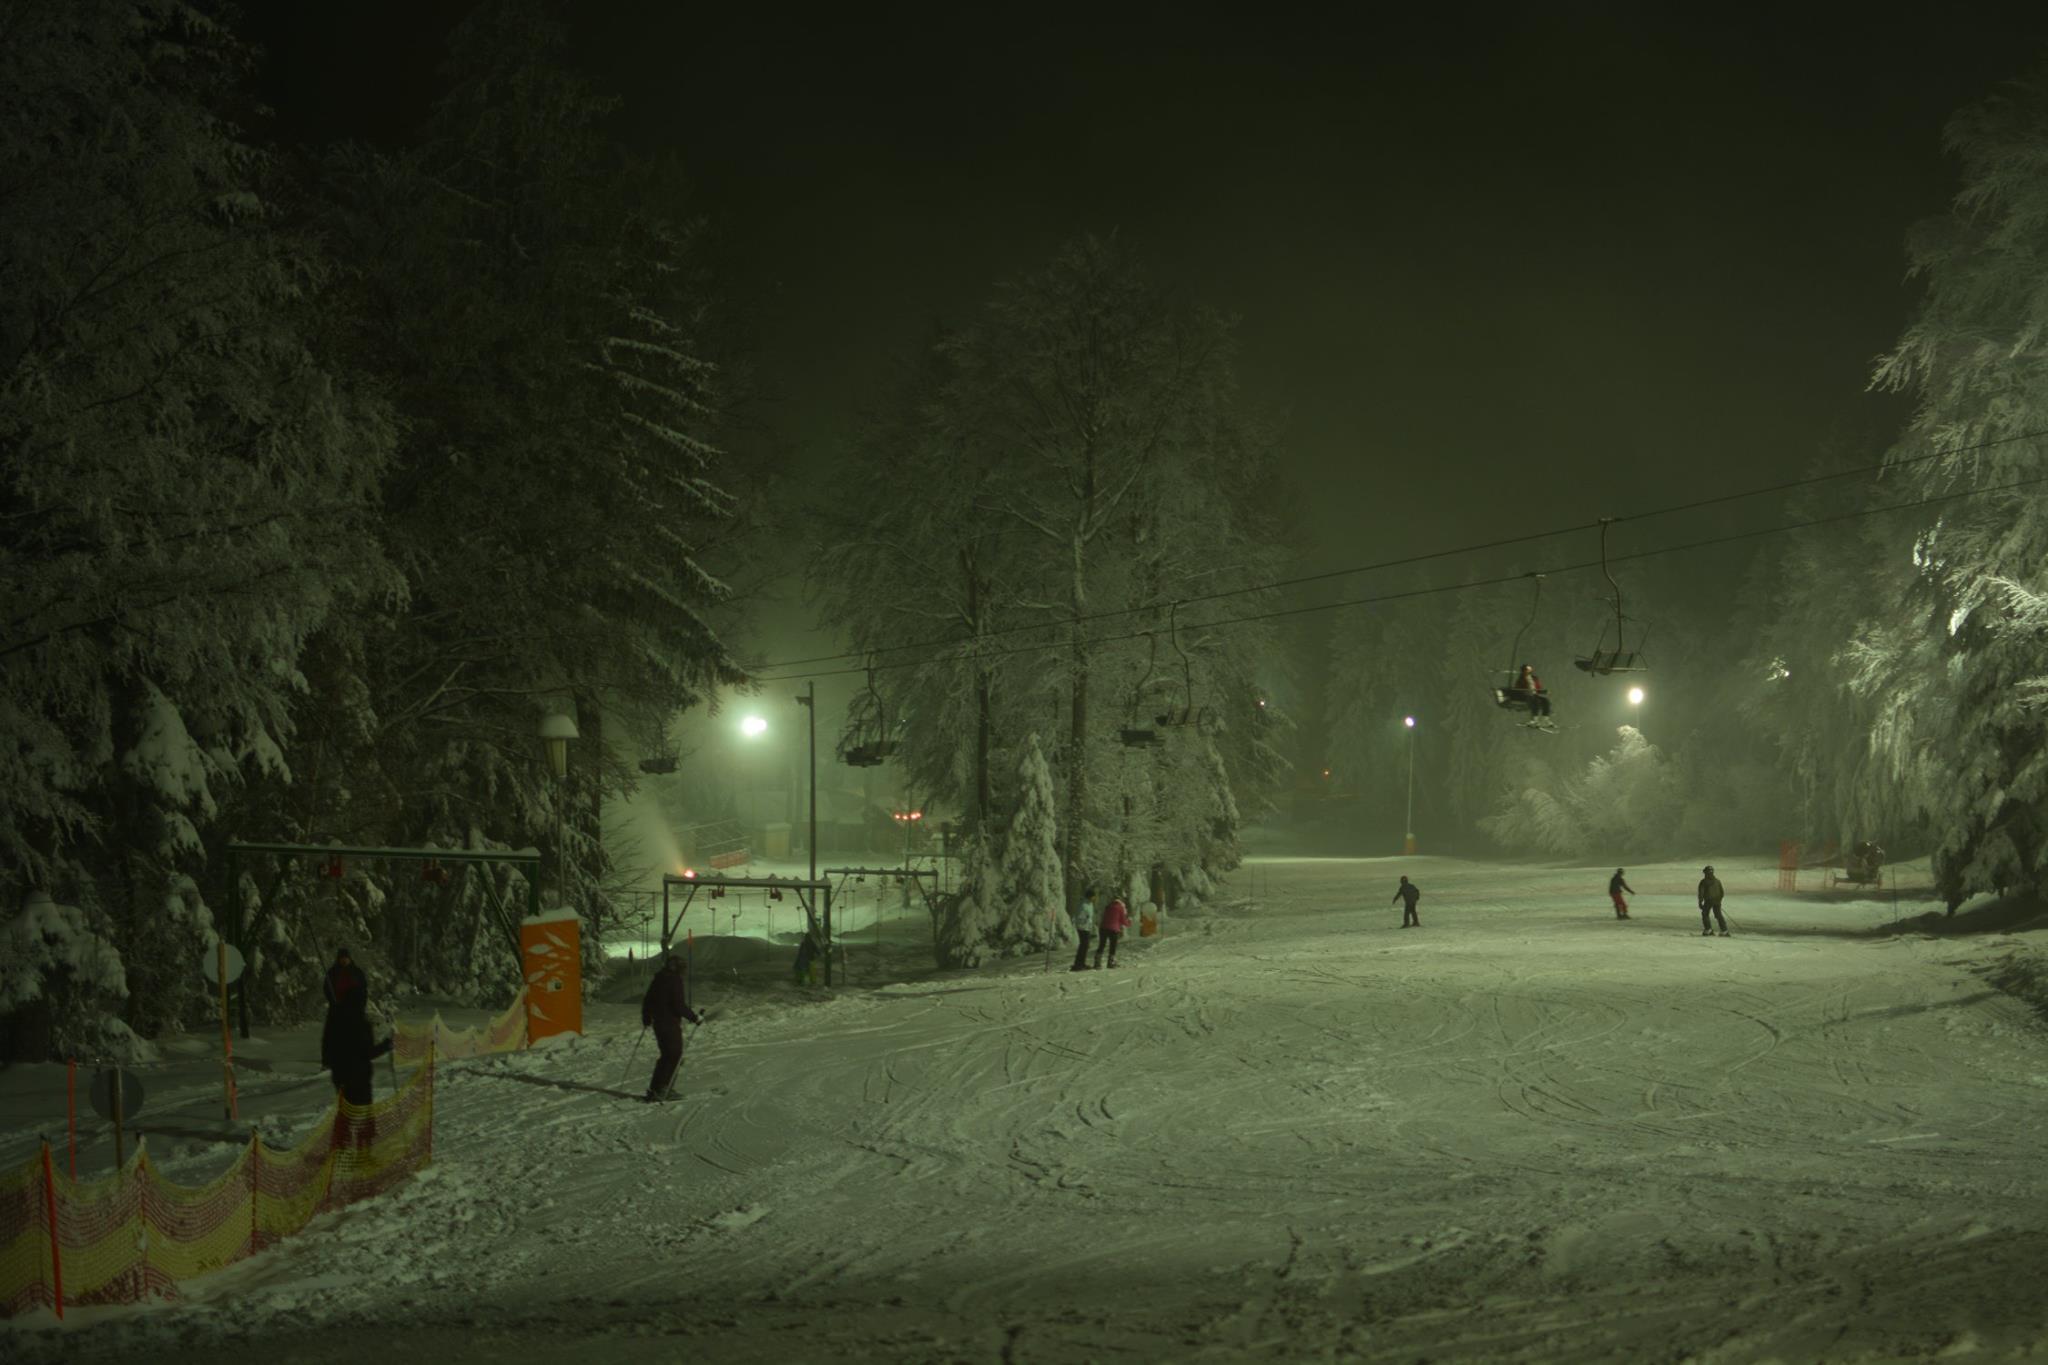 Nočna smuka; FOTO: Facebook Visit Pohorje